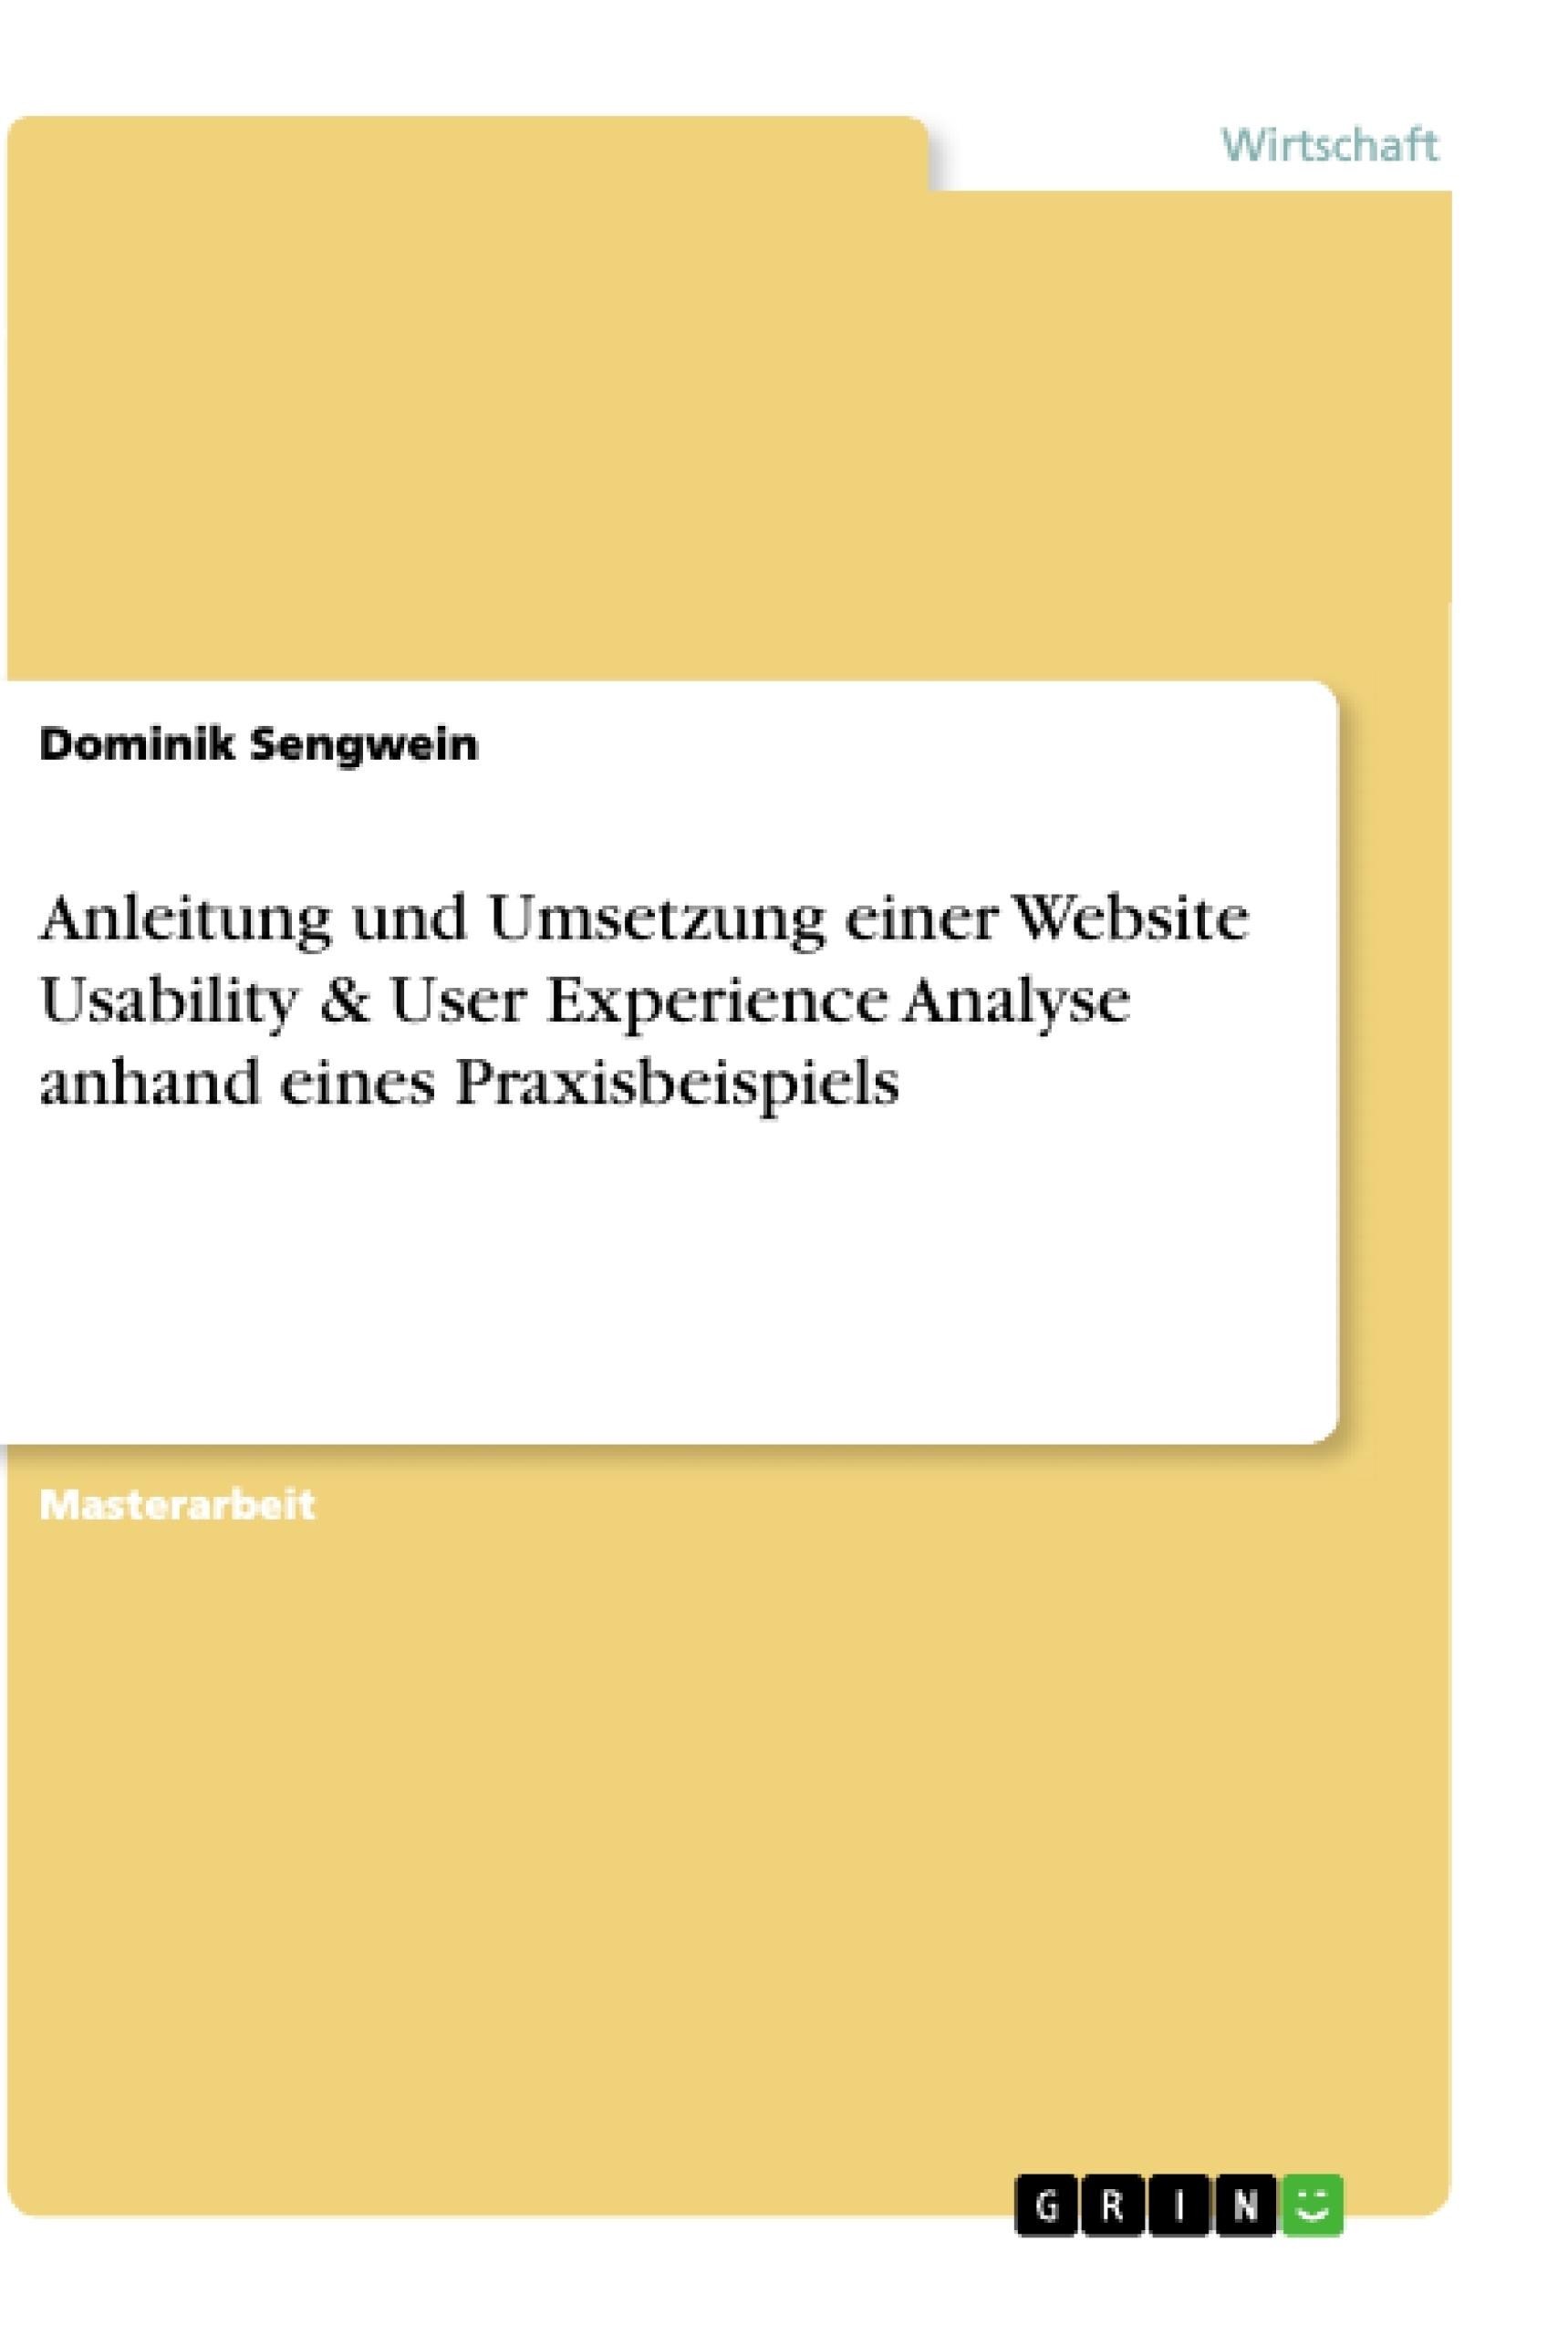 Titel: Anleitung und Umsetzung einer Website Usability & User Experience Analyse anhand eines Praxisbeispiels